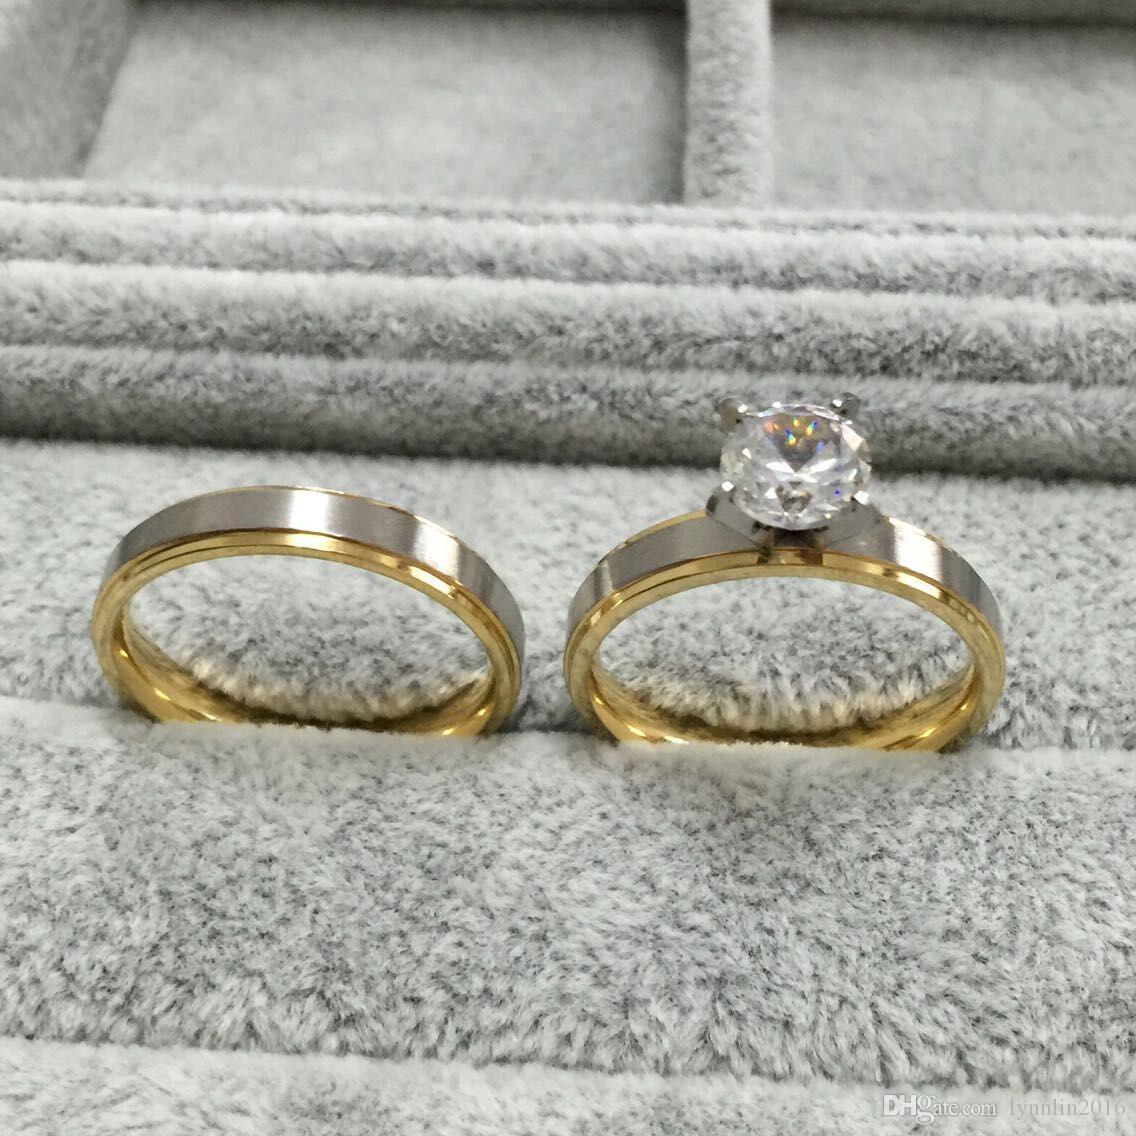 Anelli di coppia coreana in acciaio al titanio da 4 mm con diamanti in argento sterling CZ Set gli amanti delle fidanzate delle donne, promessa di lui e lei, argento oro 2 toni